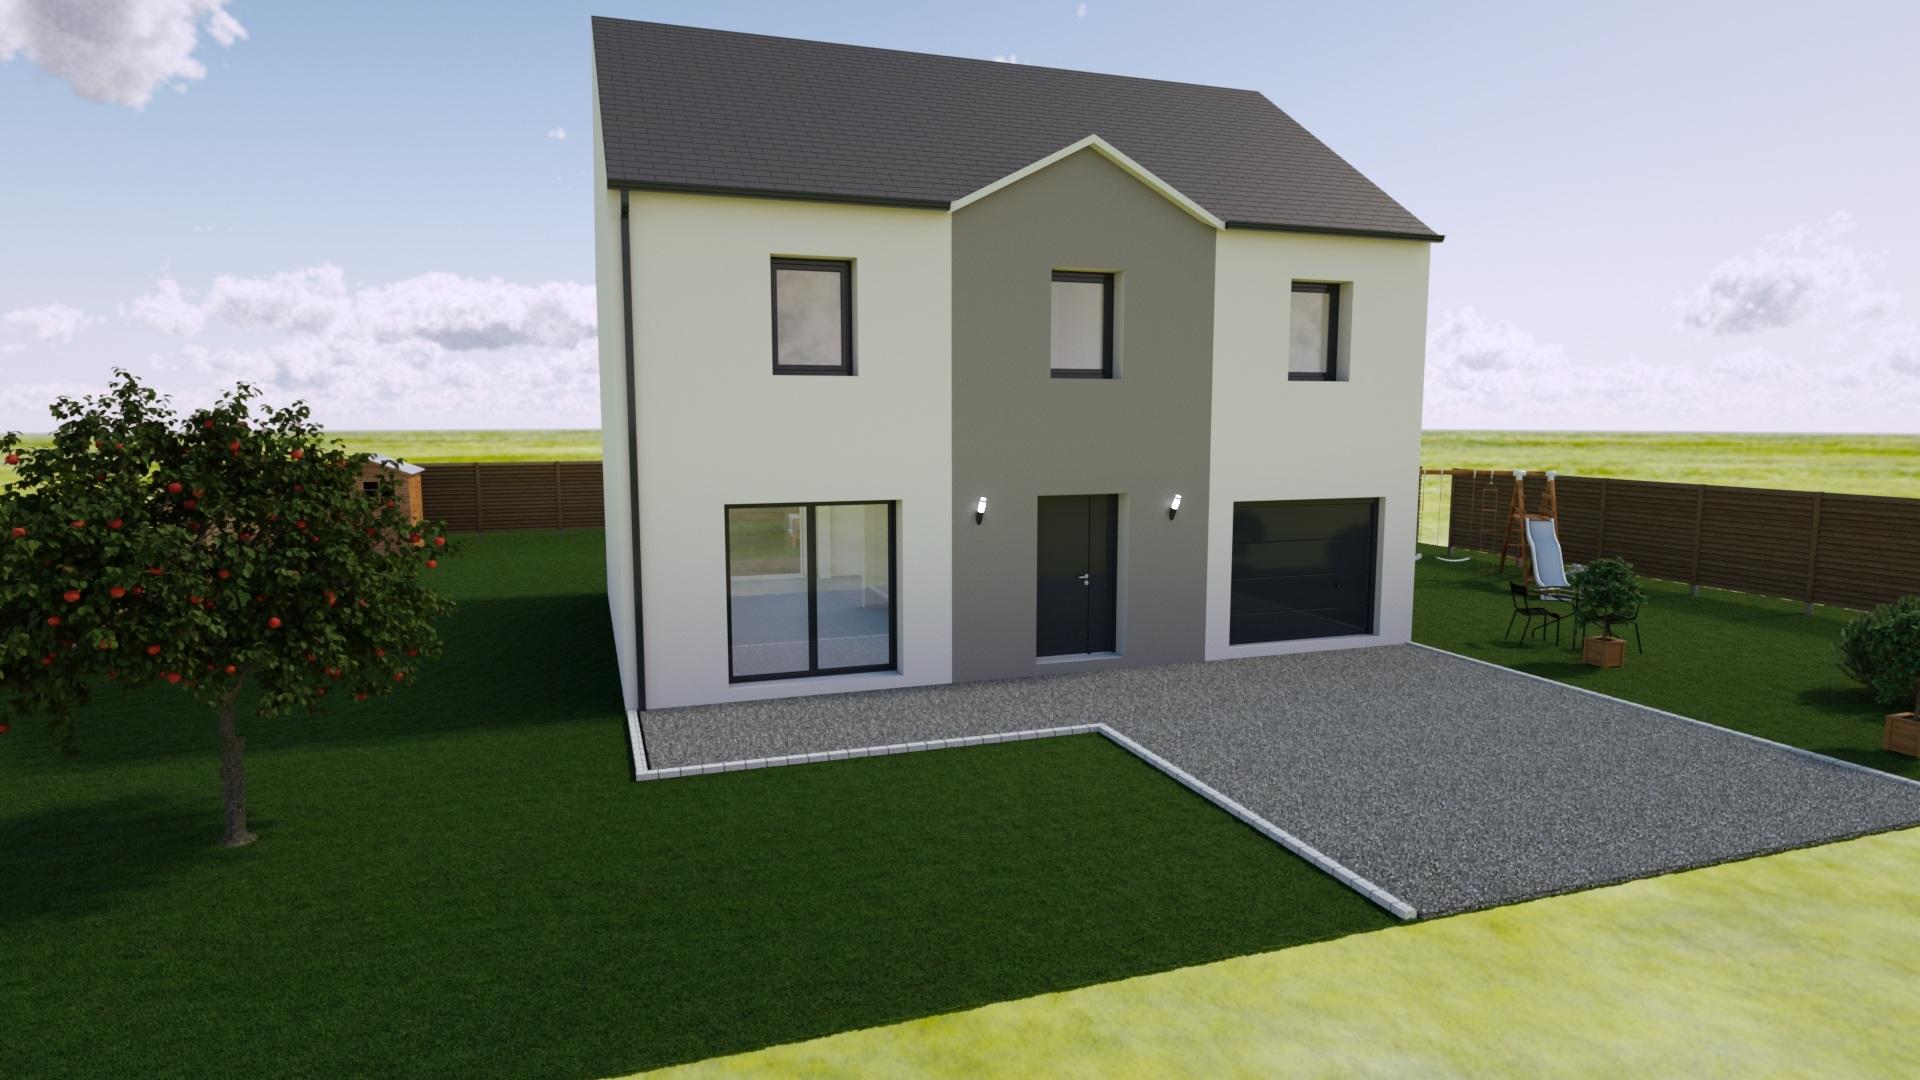 Maisons + Terrains du constructeur MAISON FAMILIALE • 130 m² • TRILPORT